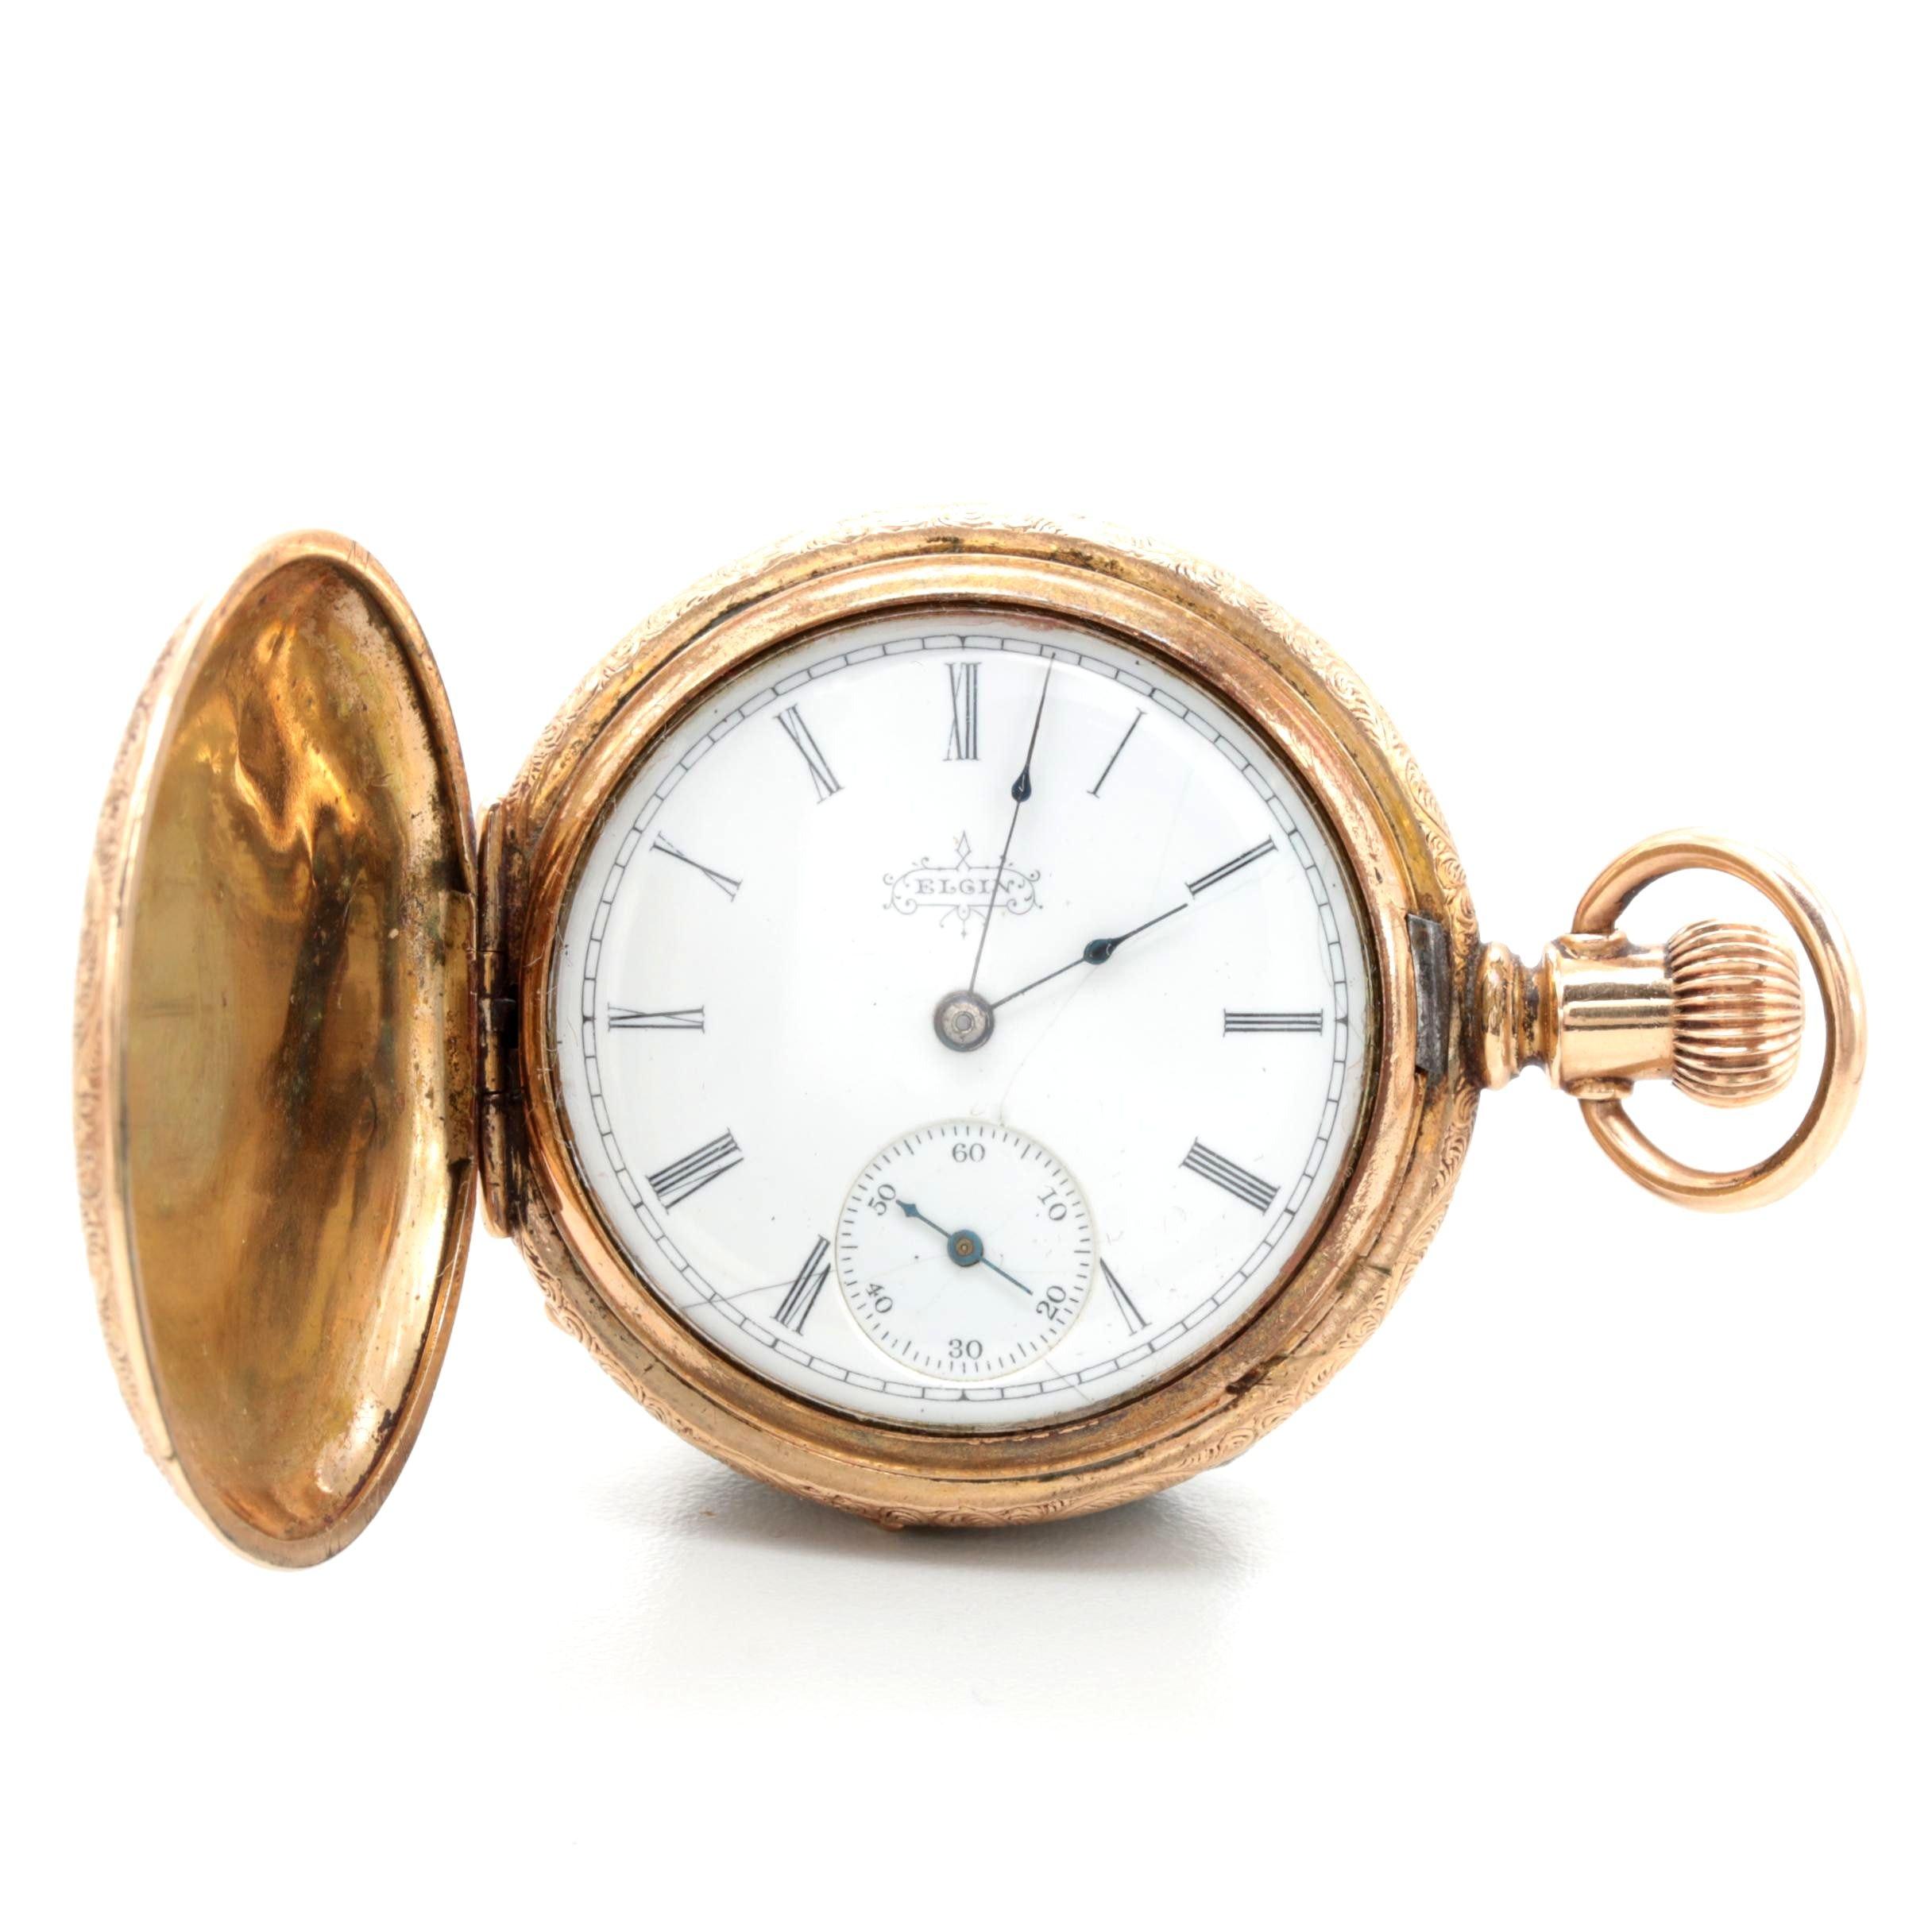 1896 Elgin Gold Filled Pocket Watch